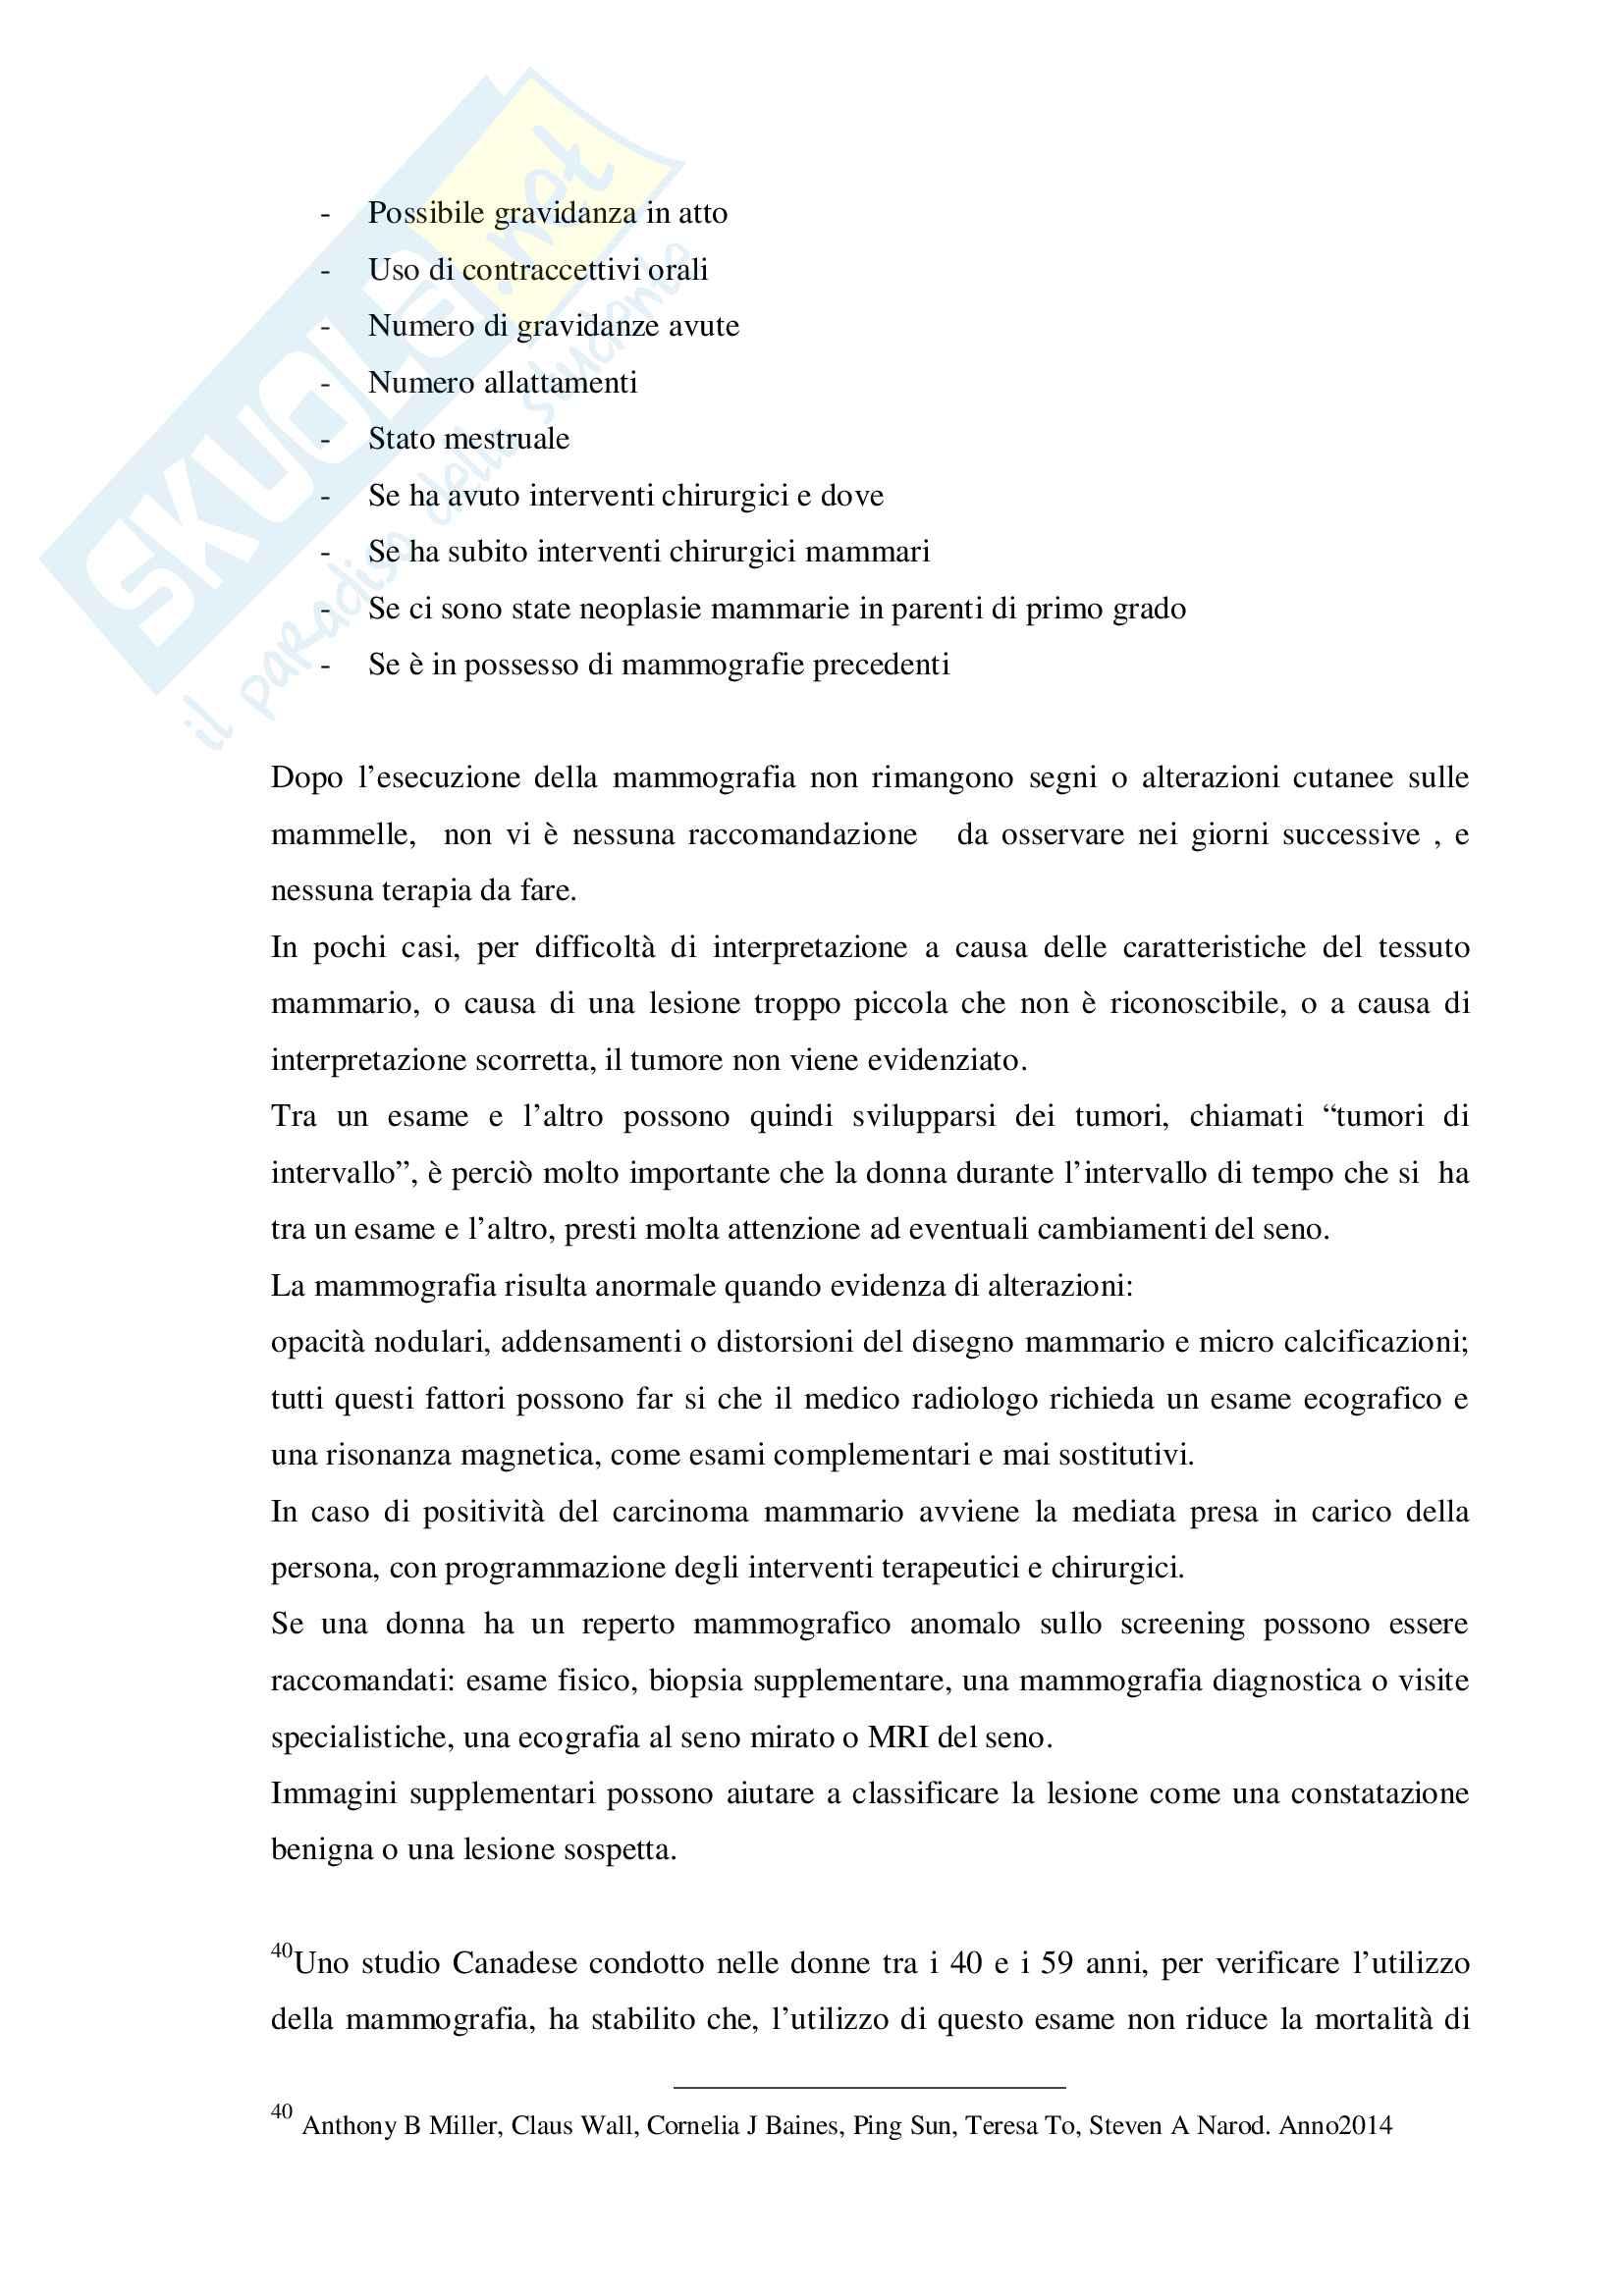 Tesi Ruolo dell'infermiere nella prevenzione oncologica femminile: l'autoesame del seno Pag. 36